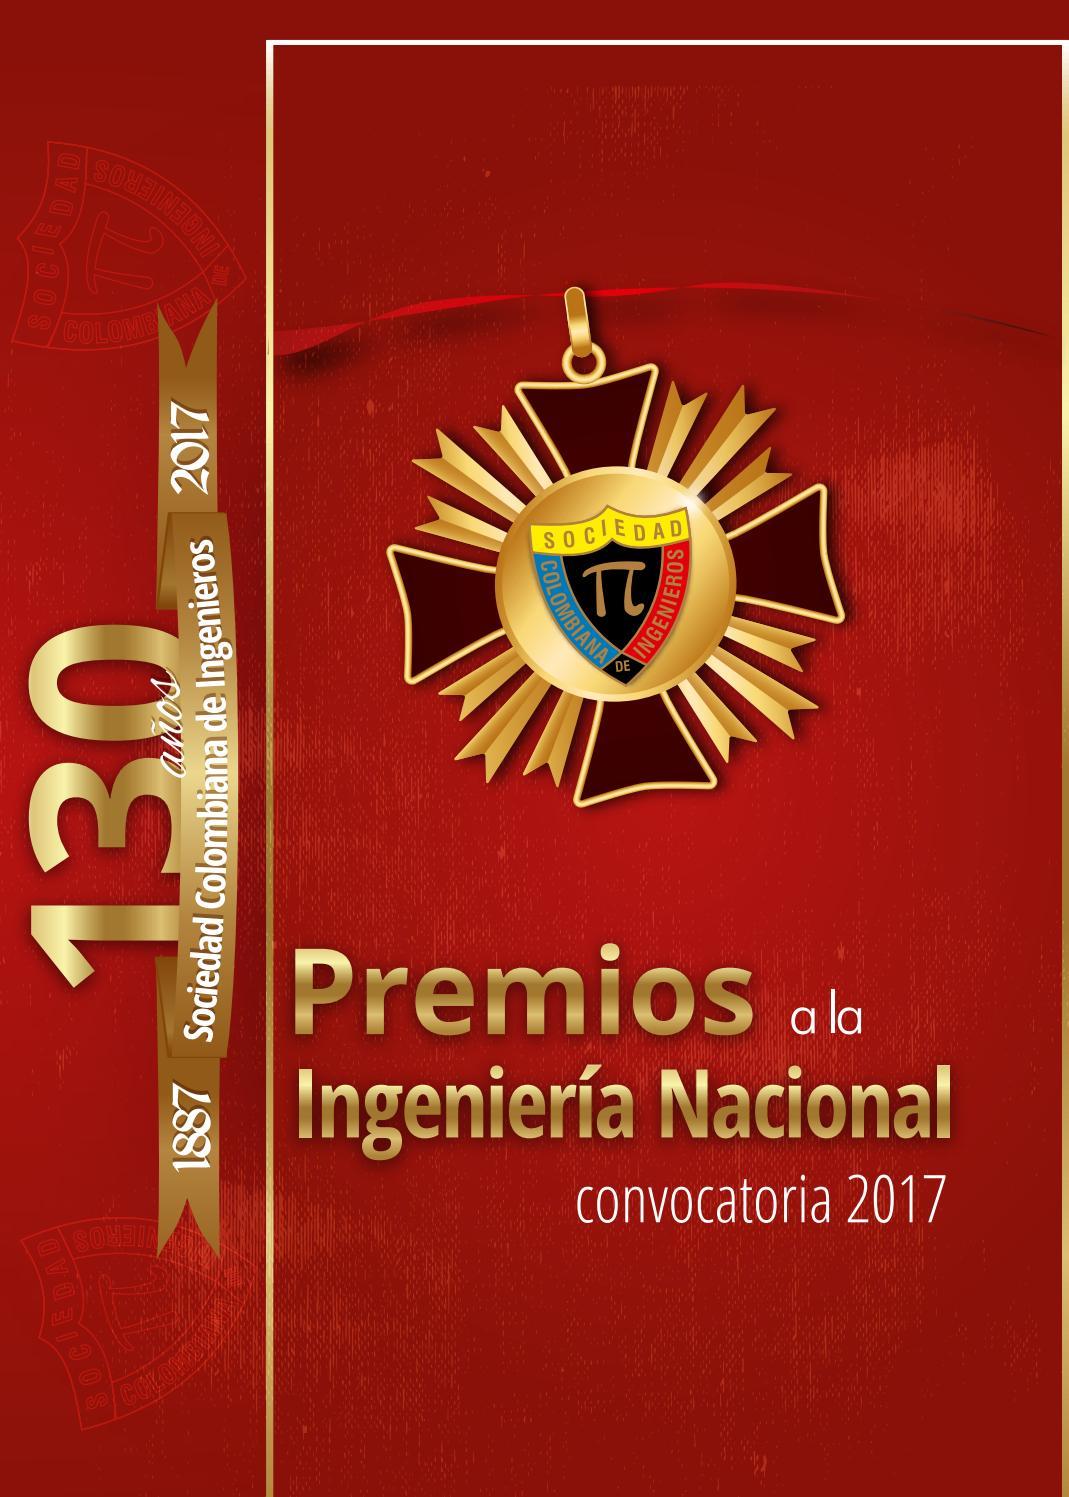 Convocatoria Premios a la Ingeniería Nacional - 2017 by SOCIEDAD ...